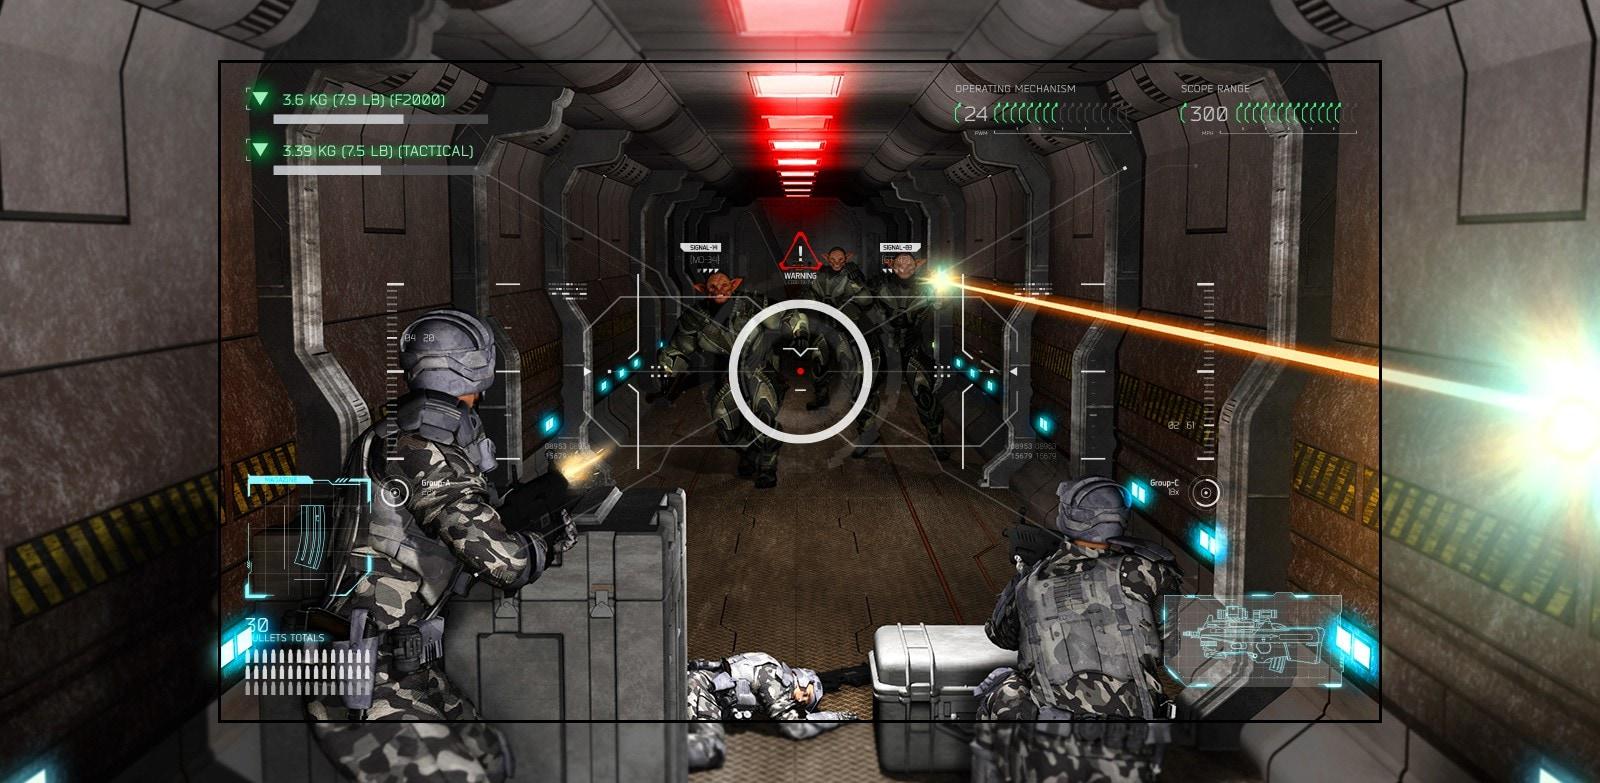 На телевизоре показана сцена из игры-«стрелялки», где игрока одолевают вооруженные пришельцы.